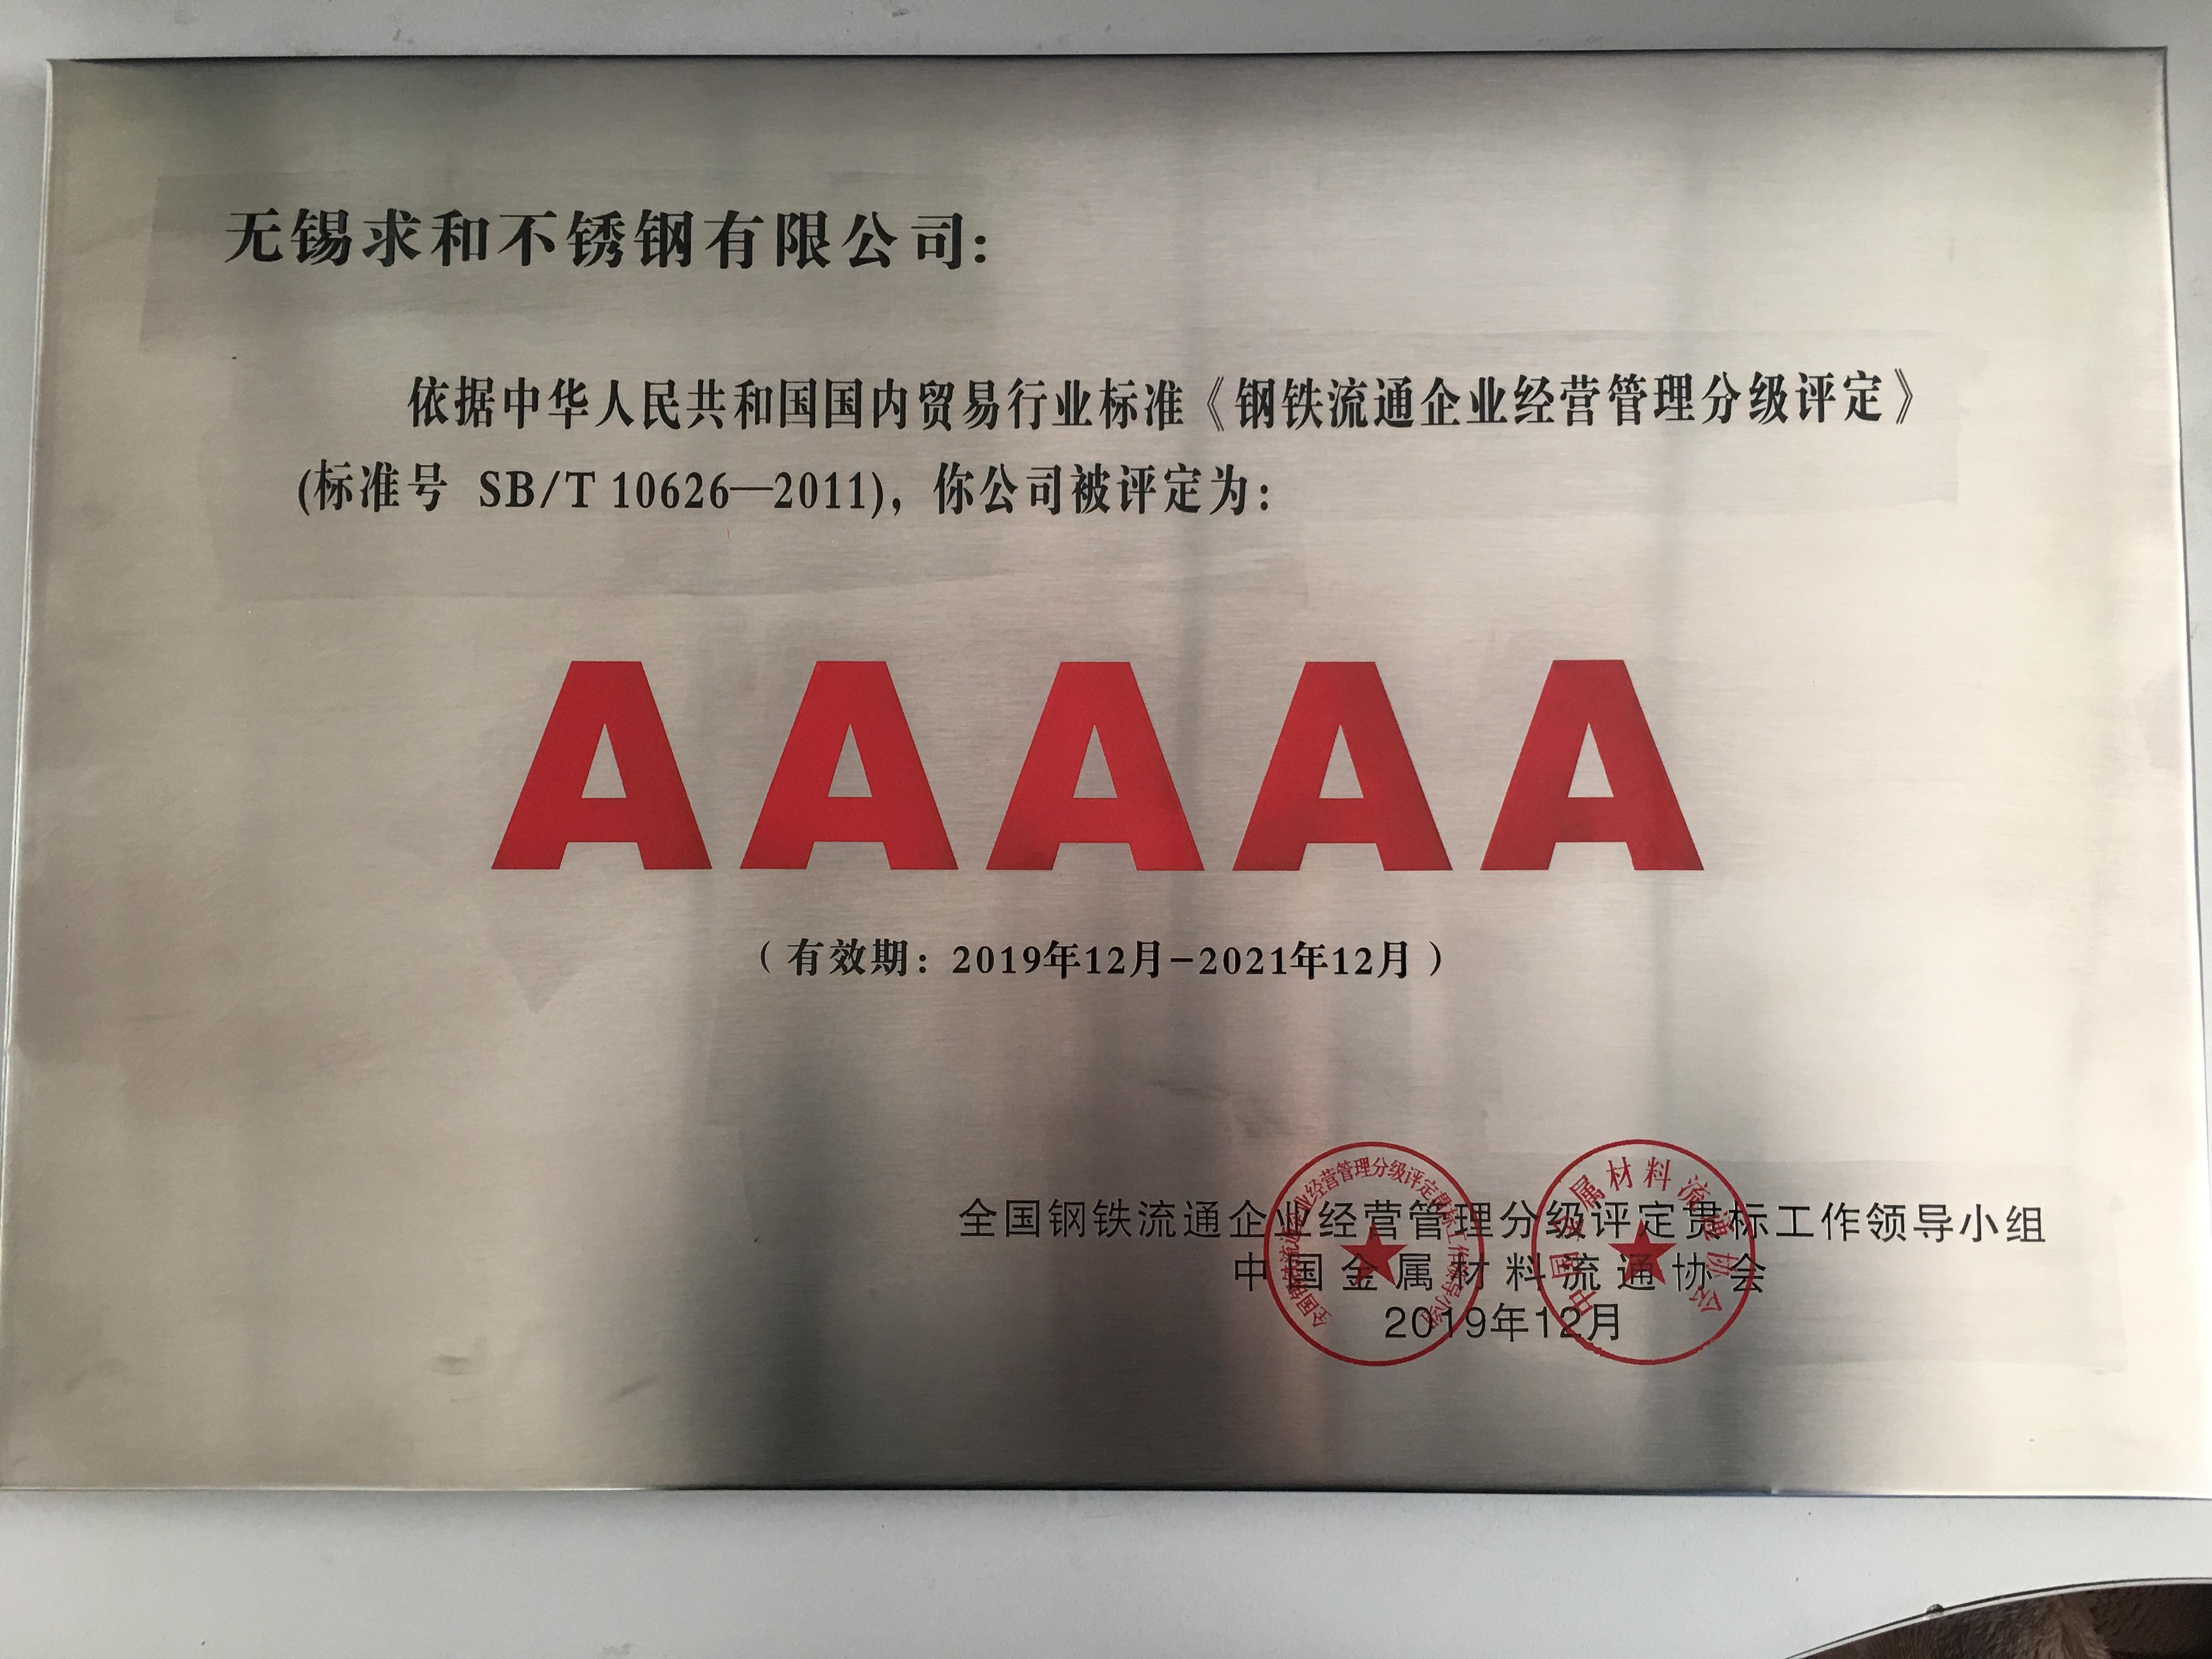 中国不锈钢流通企业AAAAA级优秀企业